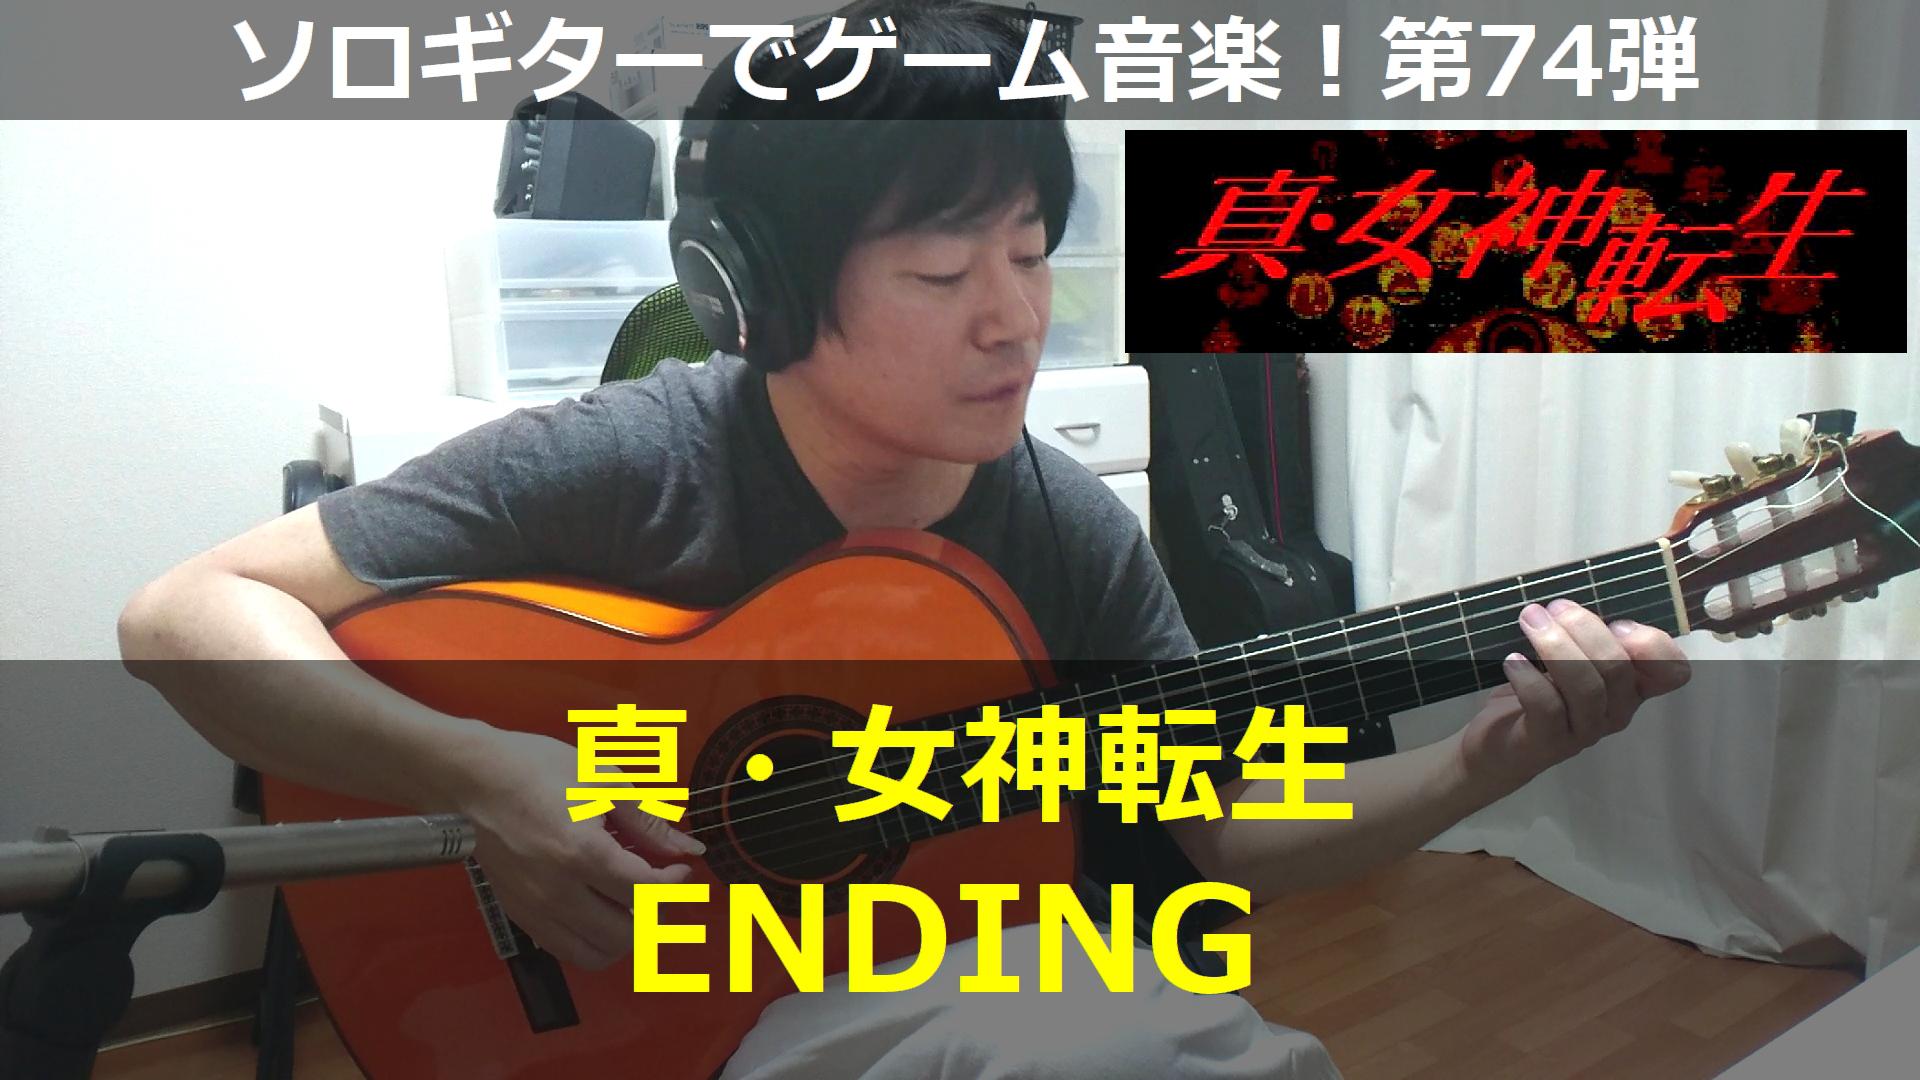 真・女神転生 エンディング ギター演奏